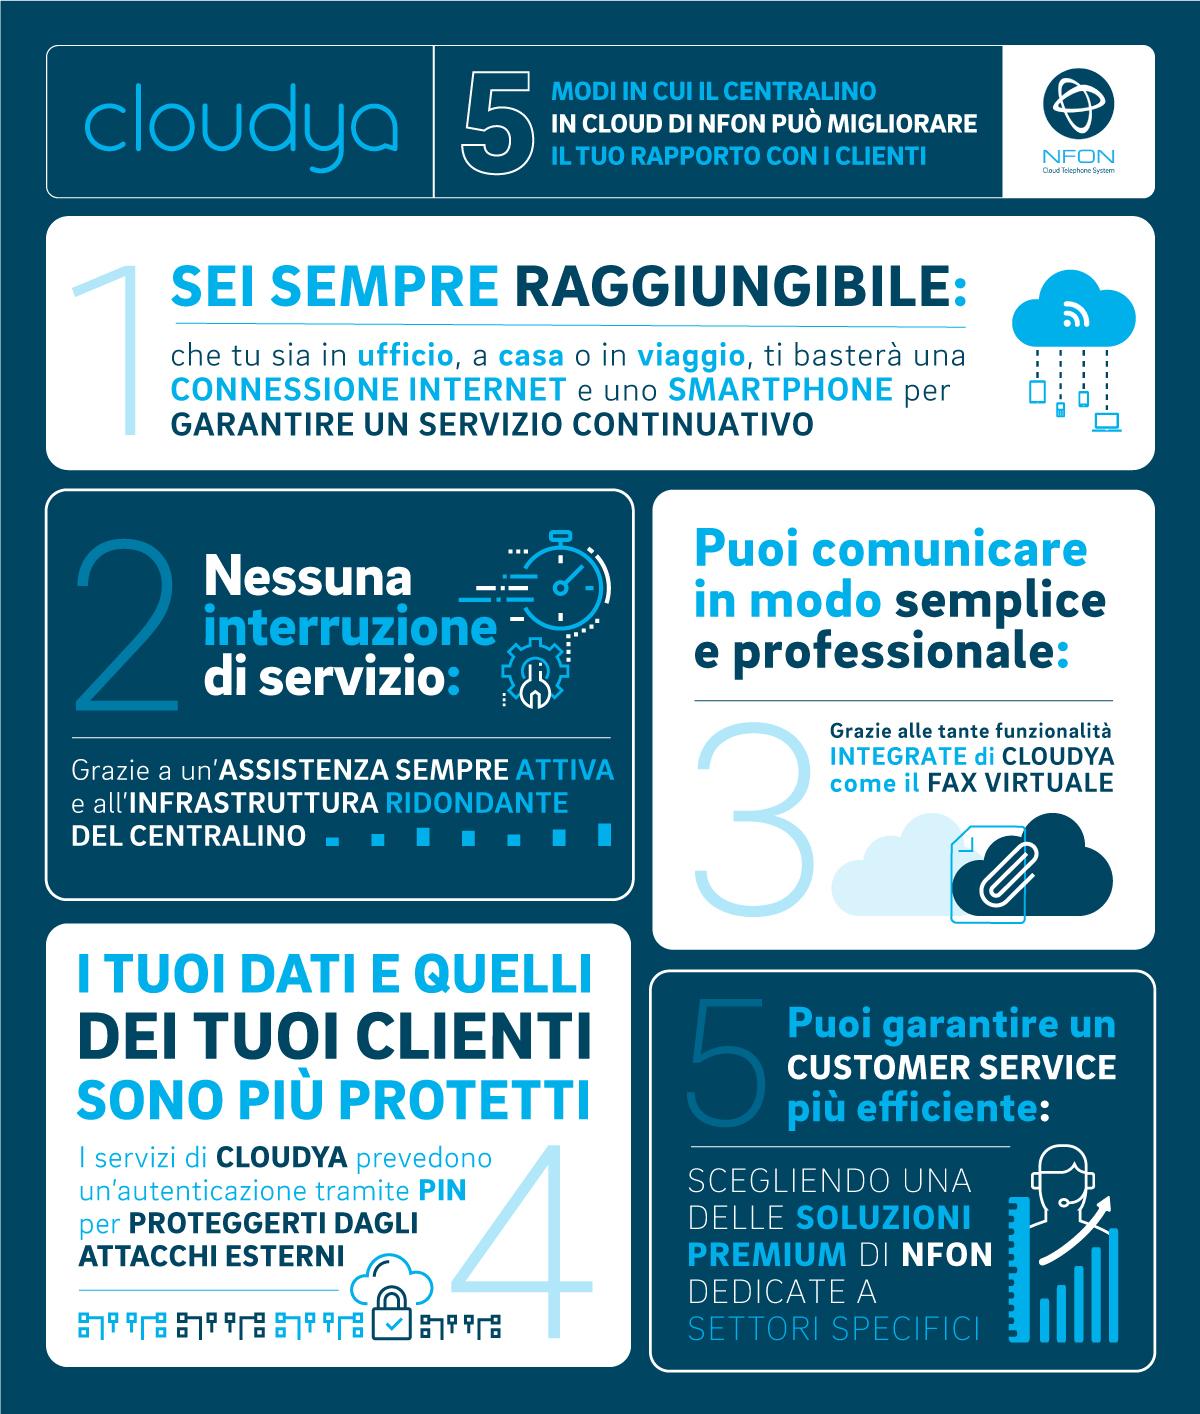 NFON_Cinque modi in cui Cloudya può rivoluzionare il rapporto con i tuoi clienti_infografica